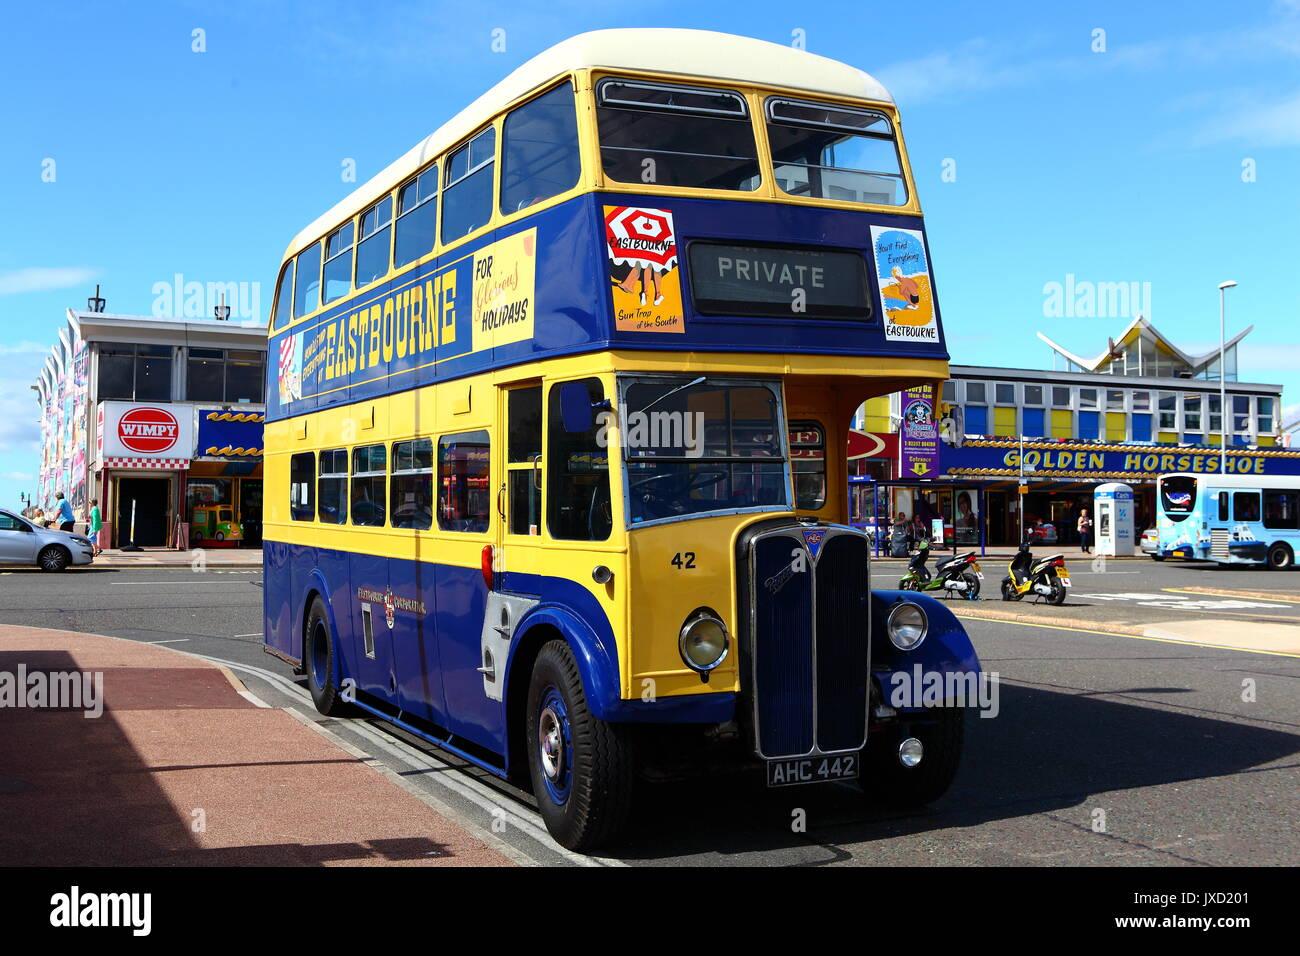 Eastbourne préservé Corporation FIAT 471 bus à double étage de 442 AHC vu sur une visite à Southsea. Banque D'Images